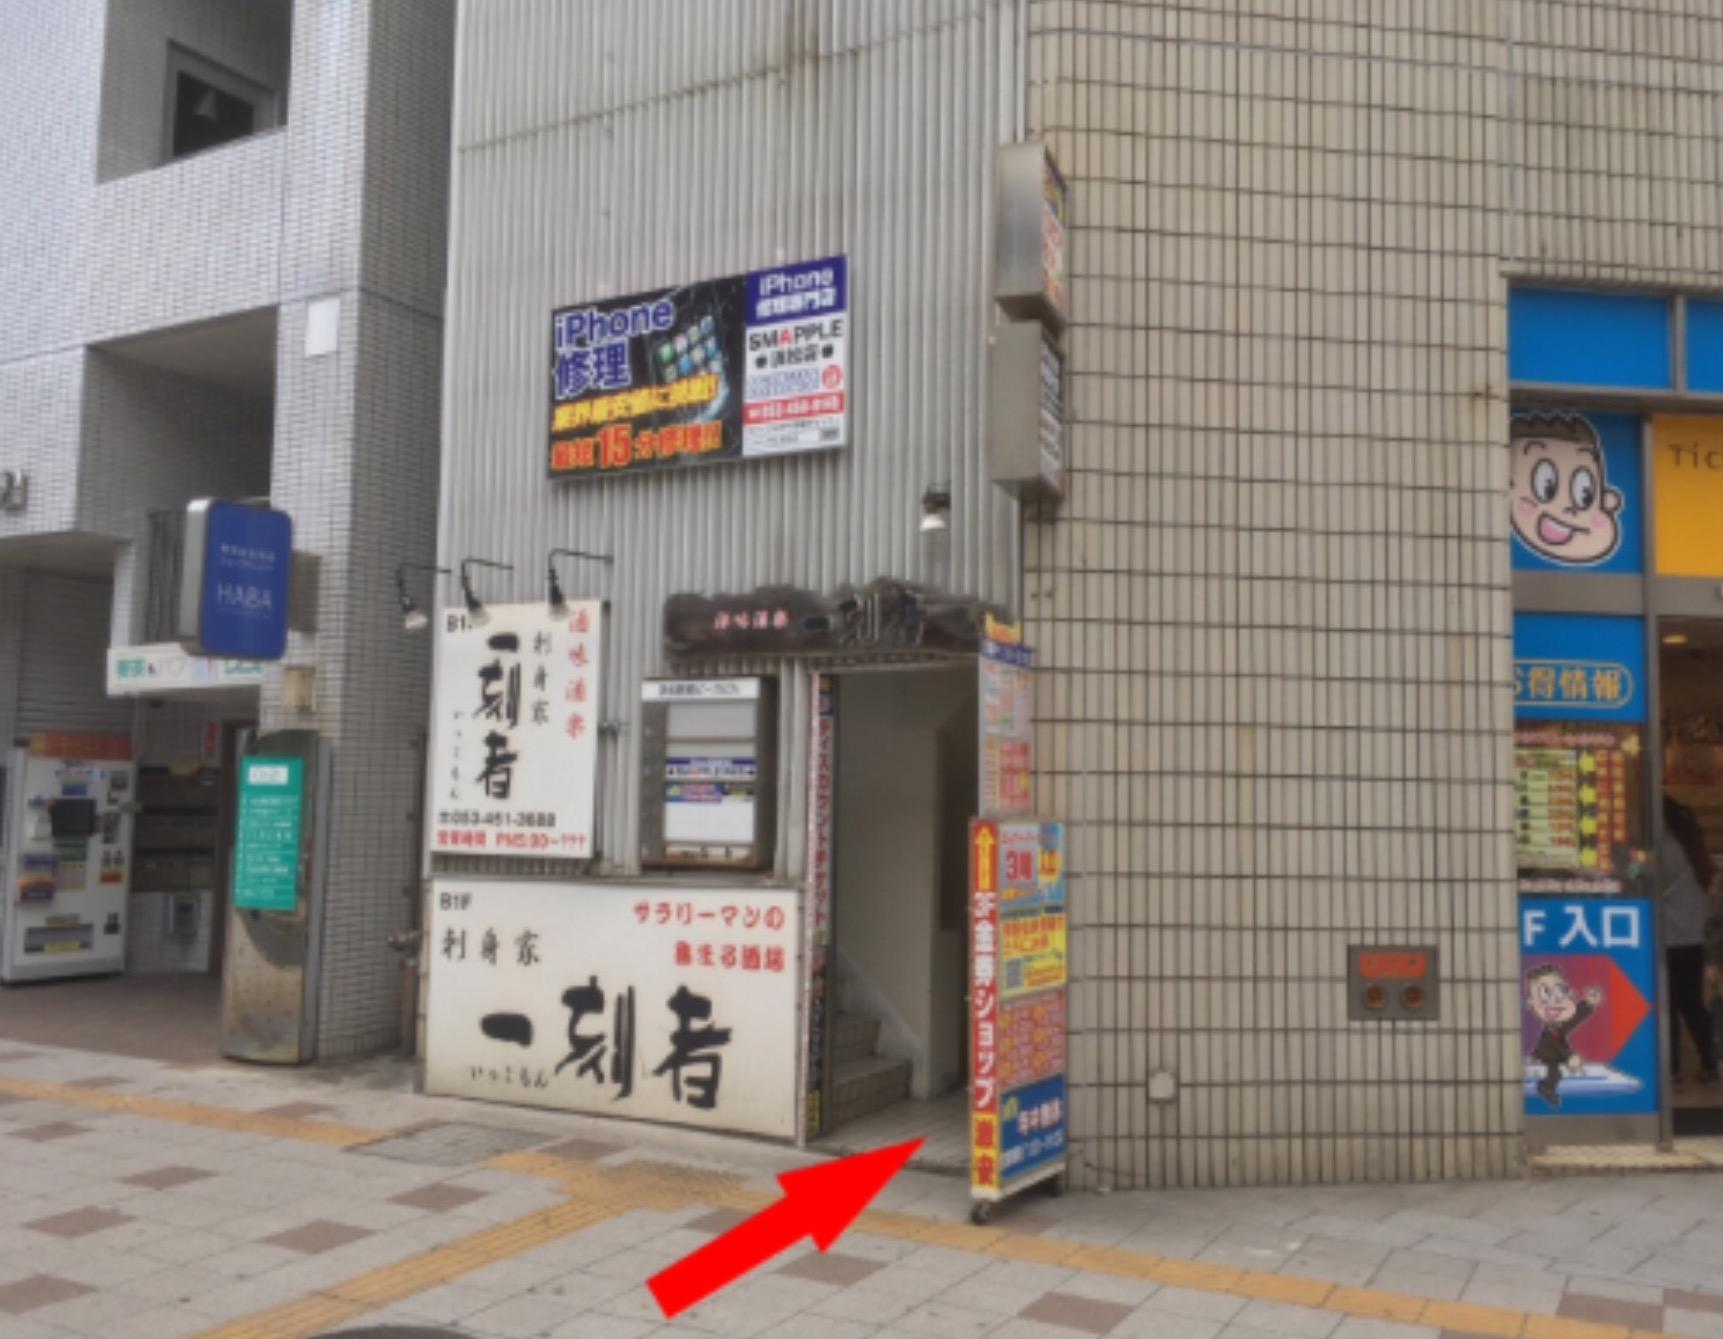 スマップル浜松店ビル入り口